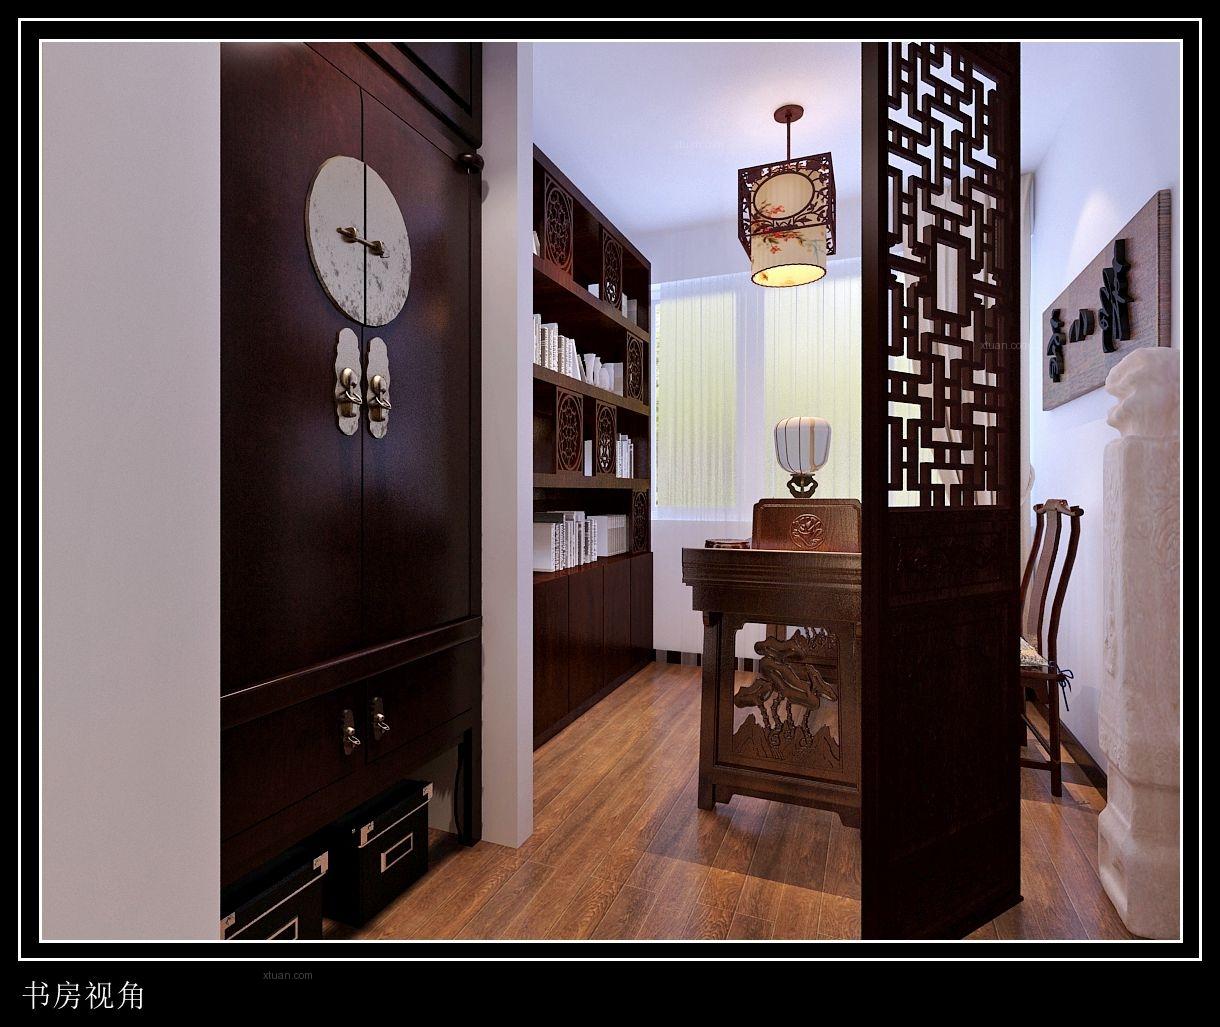 中式古典装修案例鉴赏